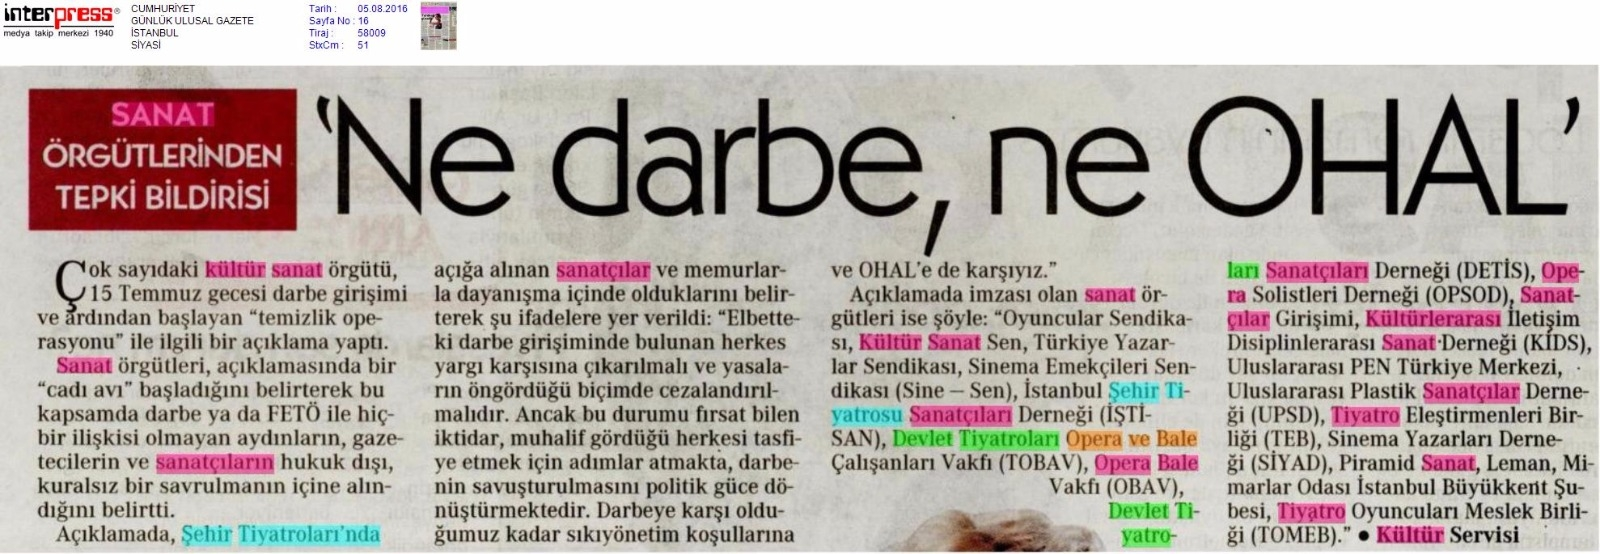 05.08.2016 Cumhuriyet Gazetesi